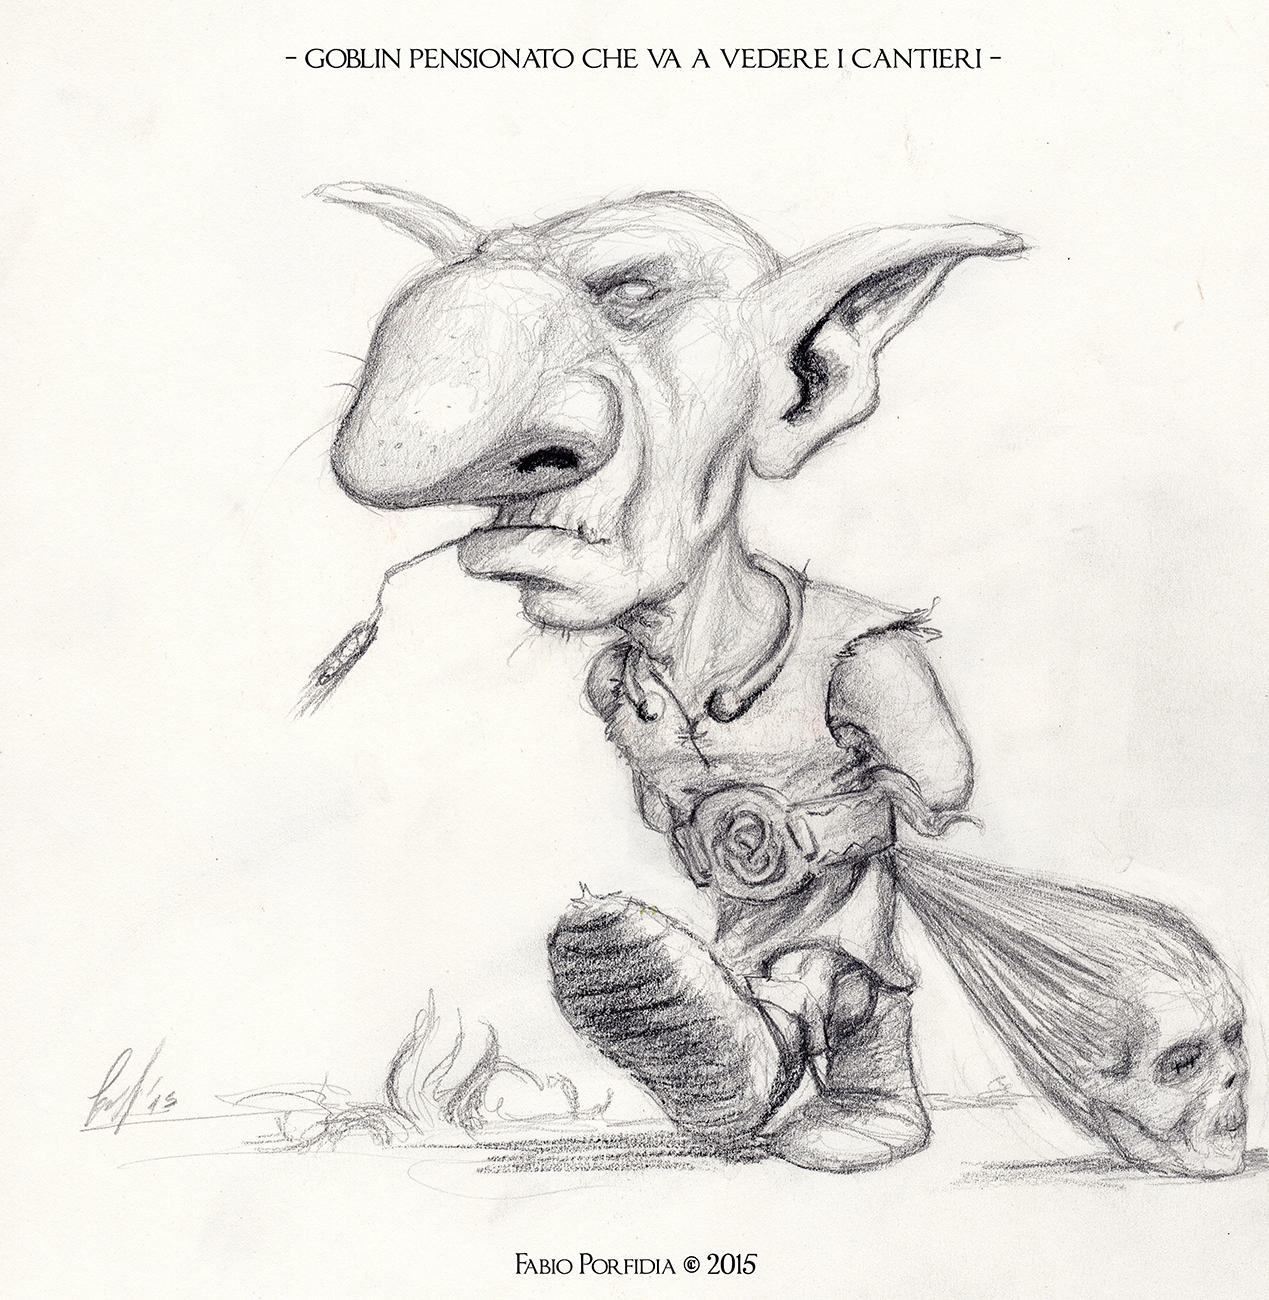 Goblin Pensionato